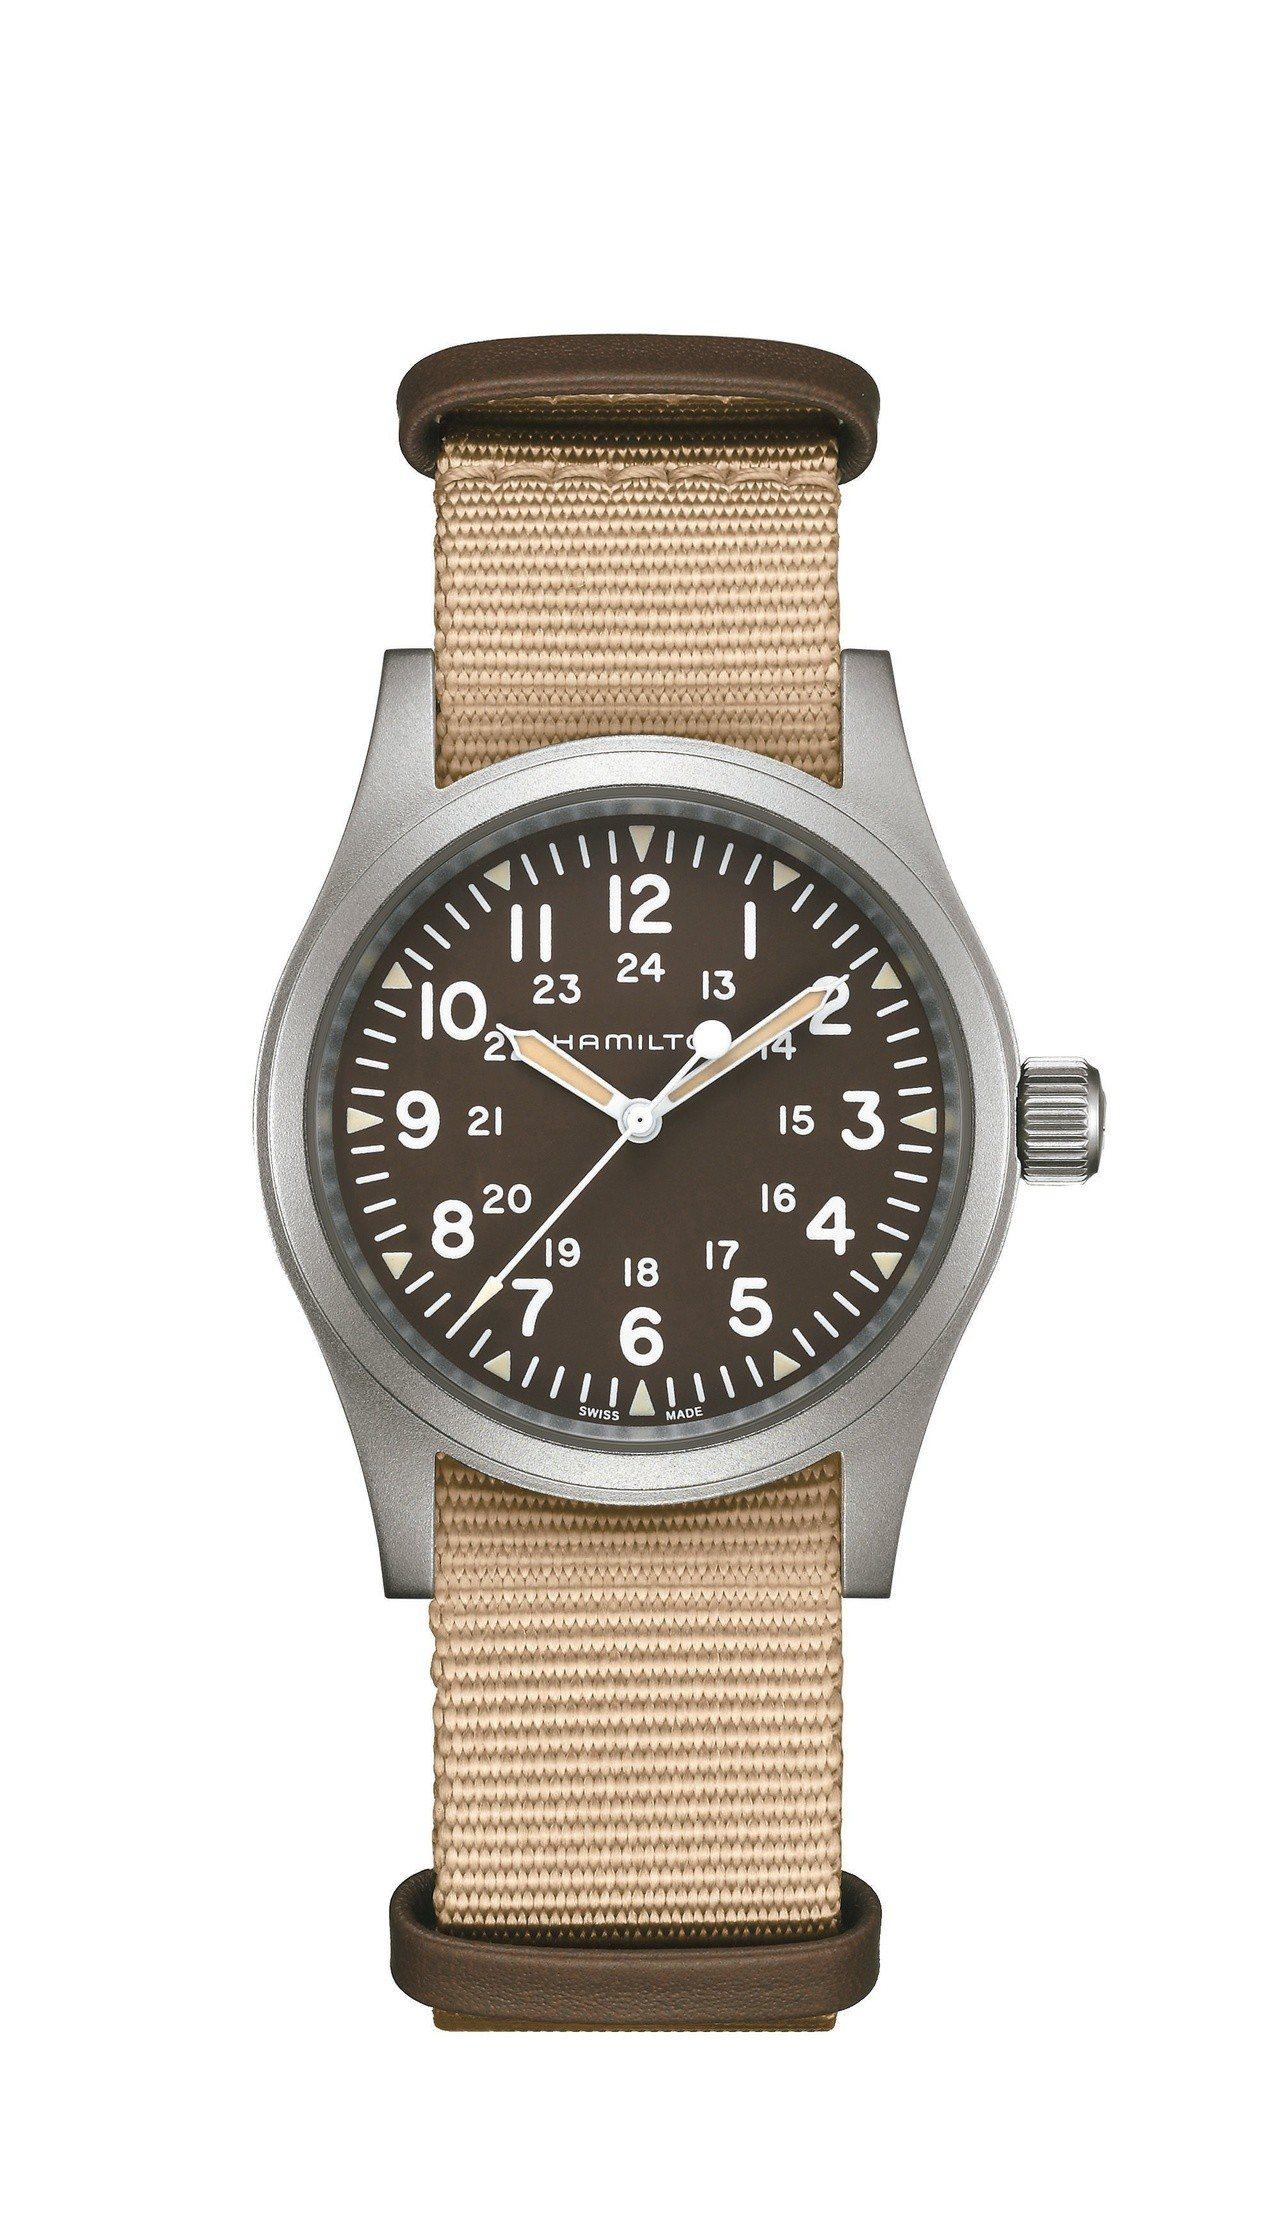 漢米爾頓Khaki Field陸戰手上鍊腕表,不鏽鋼表殼,搭載ETA 2801-...